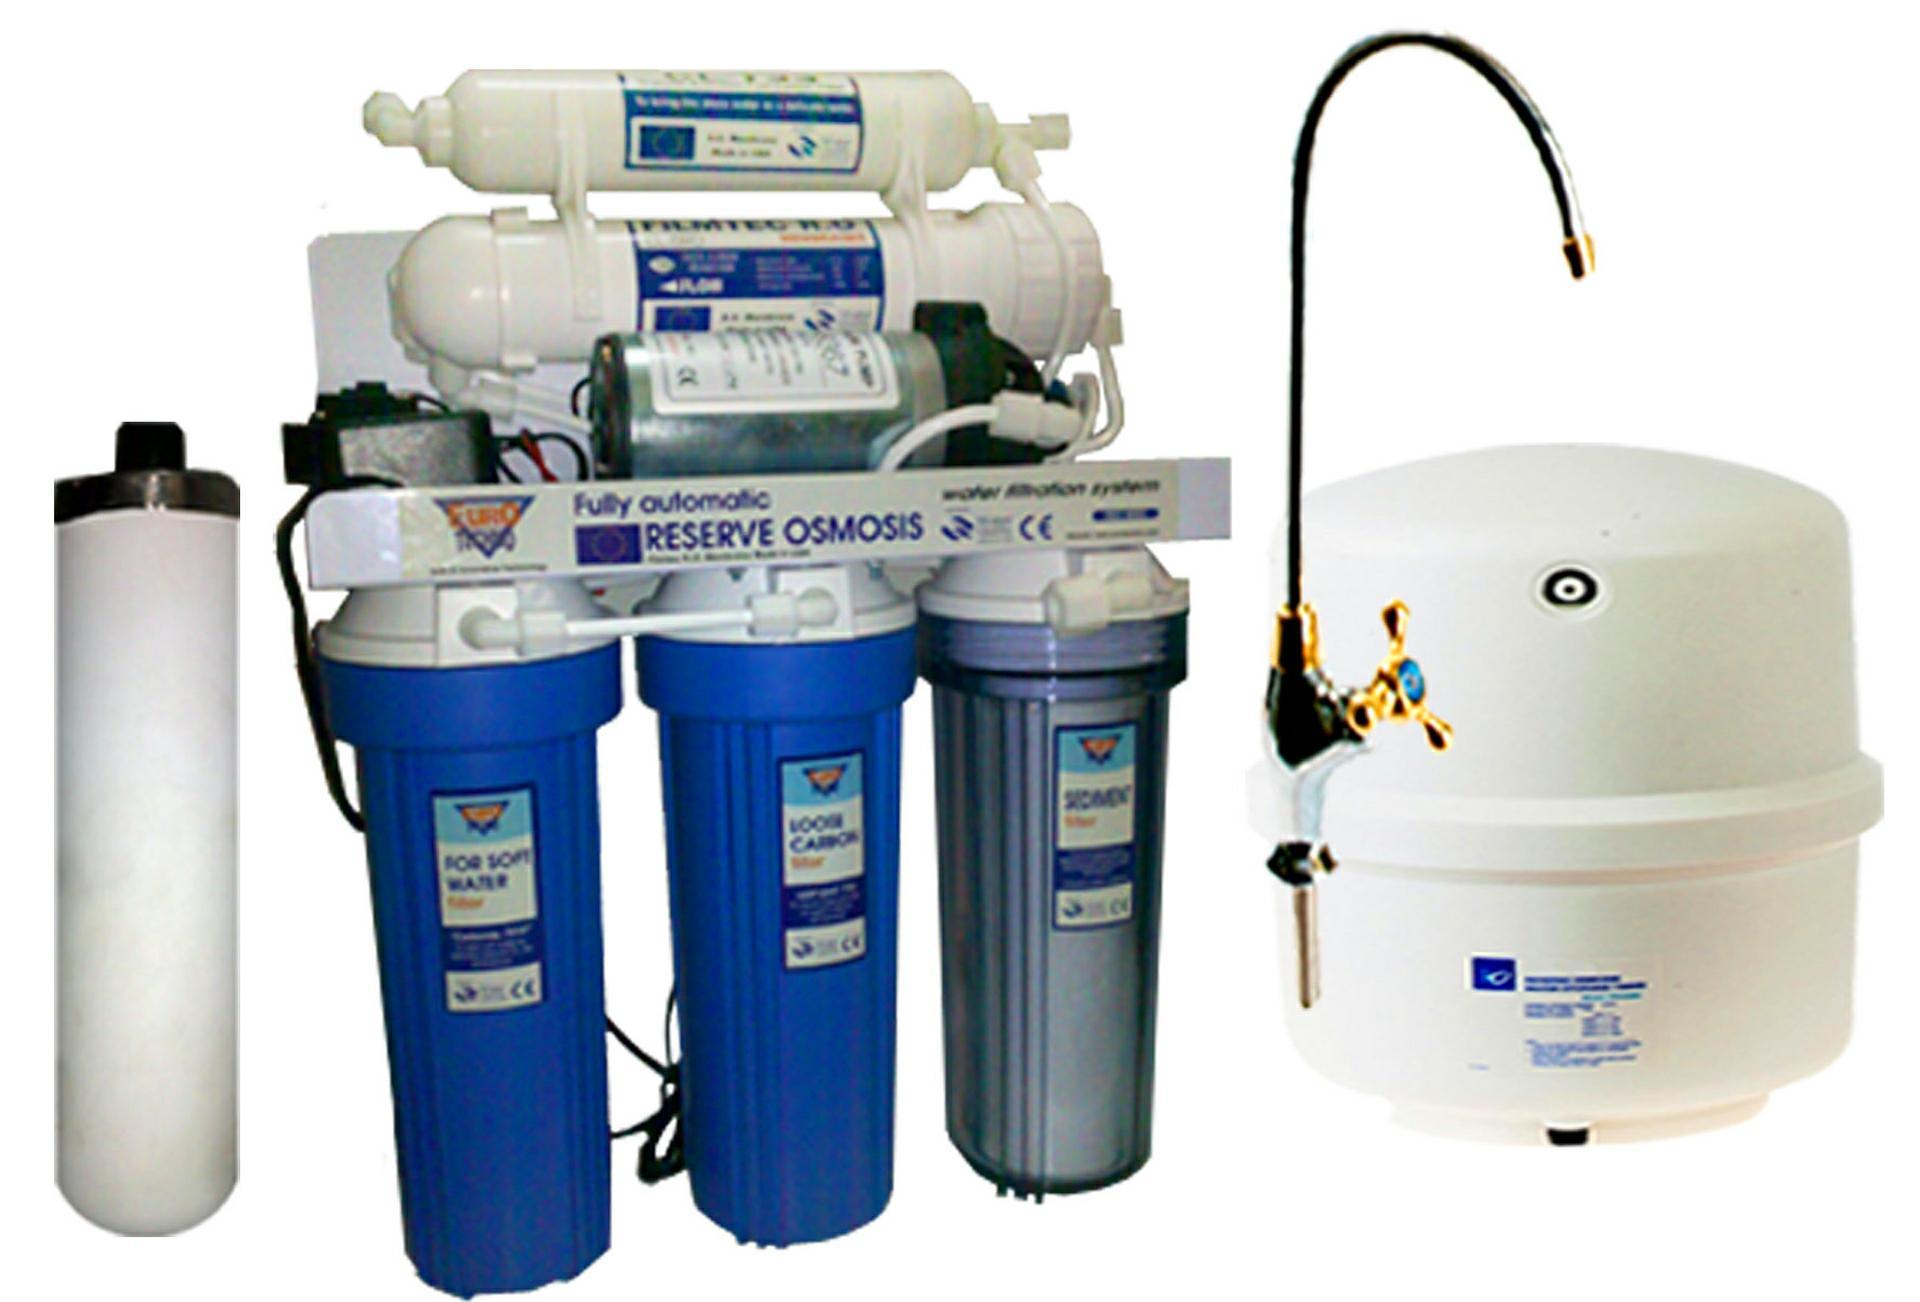 cach phan biet giua may loc nuoc that va may rom image 41 Cách phân biệt giữa máy lọc nước thật và máy rởm